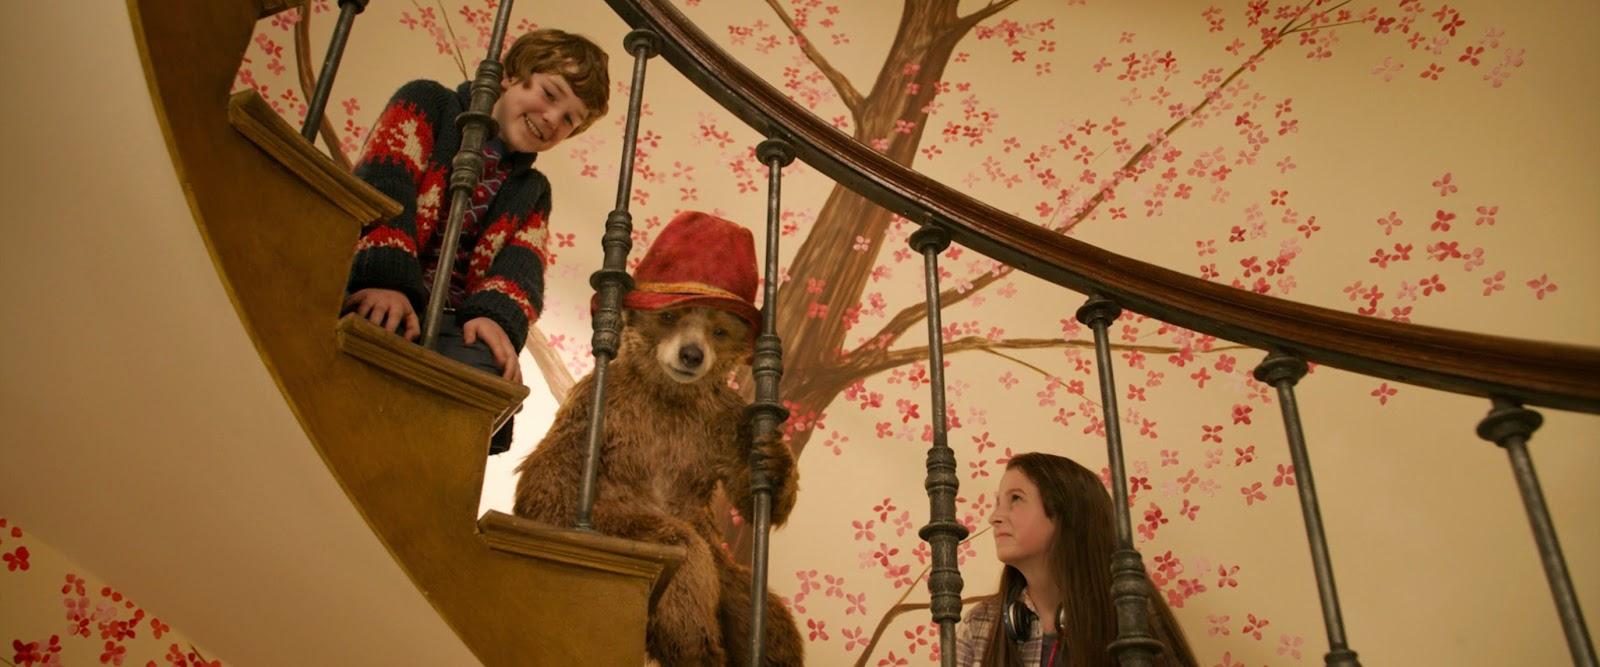 Paddington com as crianças da família Brown b06d401f62